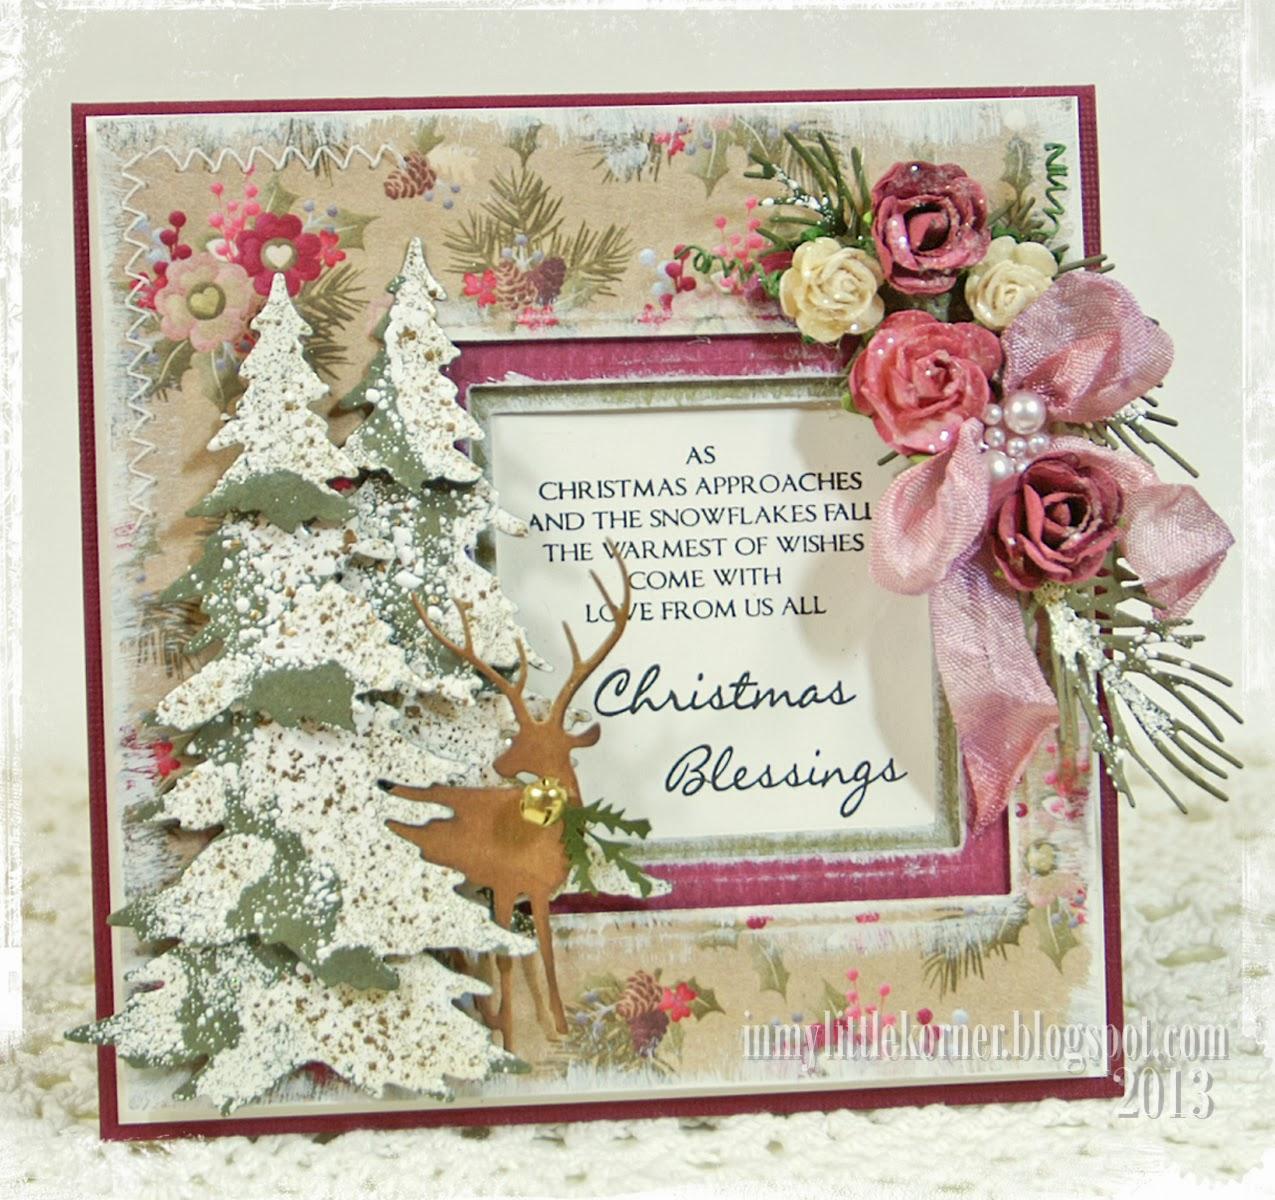 In My Little Korner: Christmas Blessings